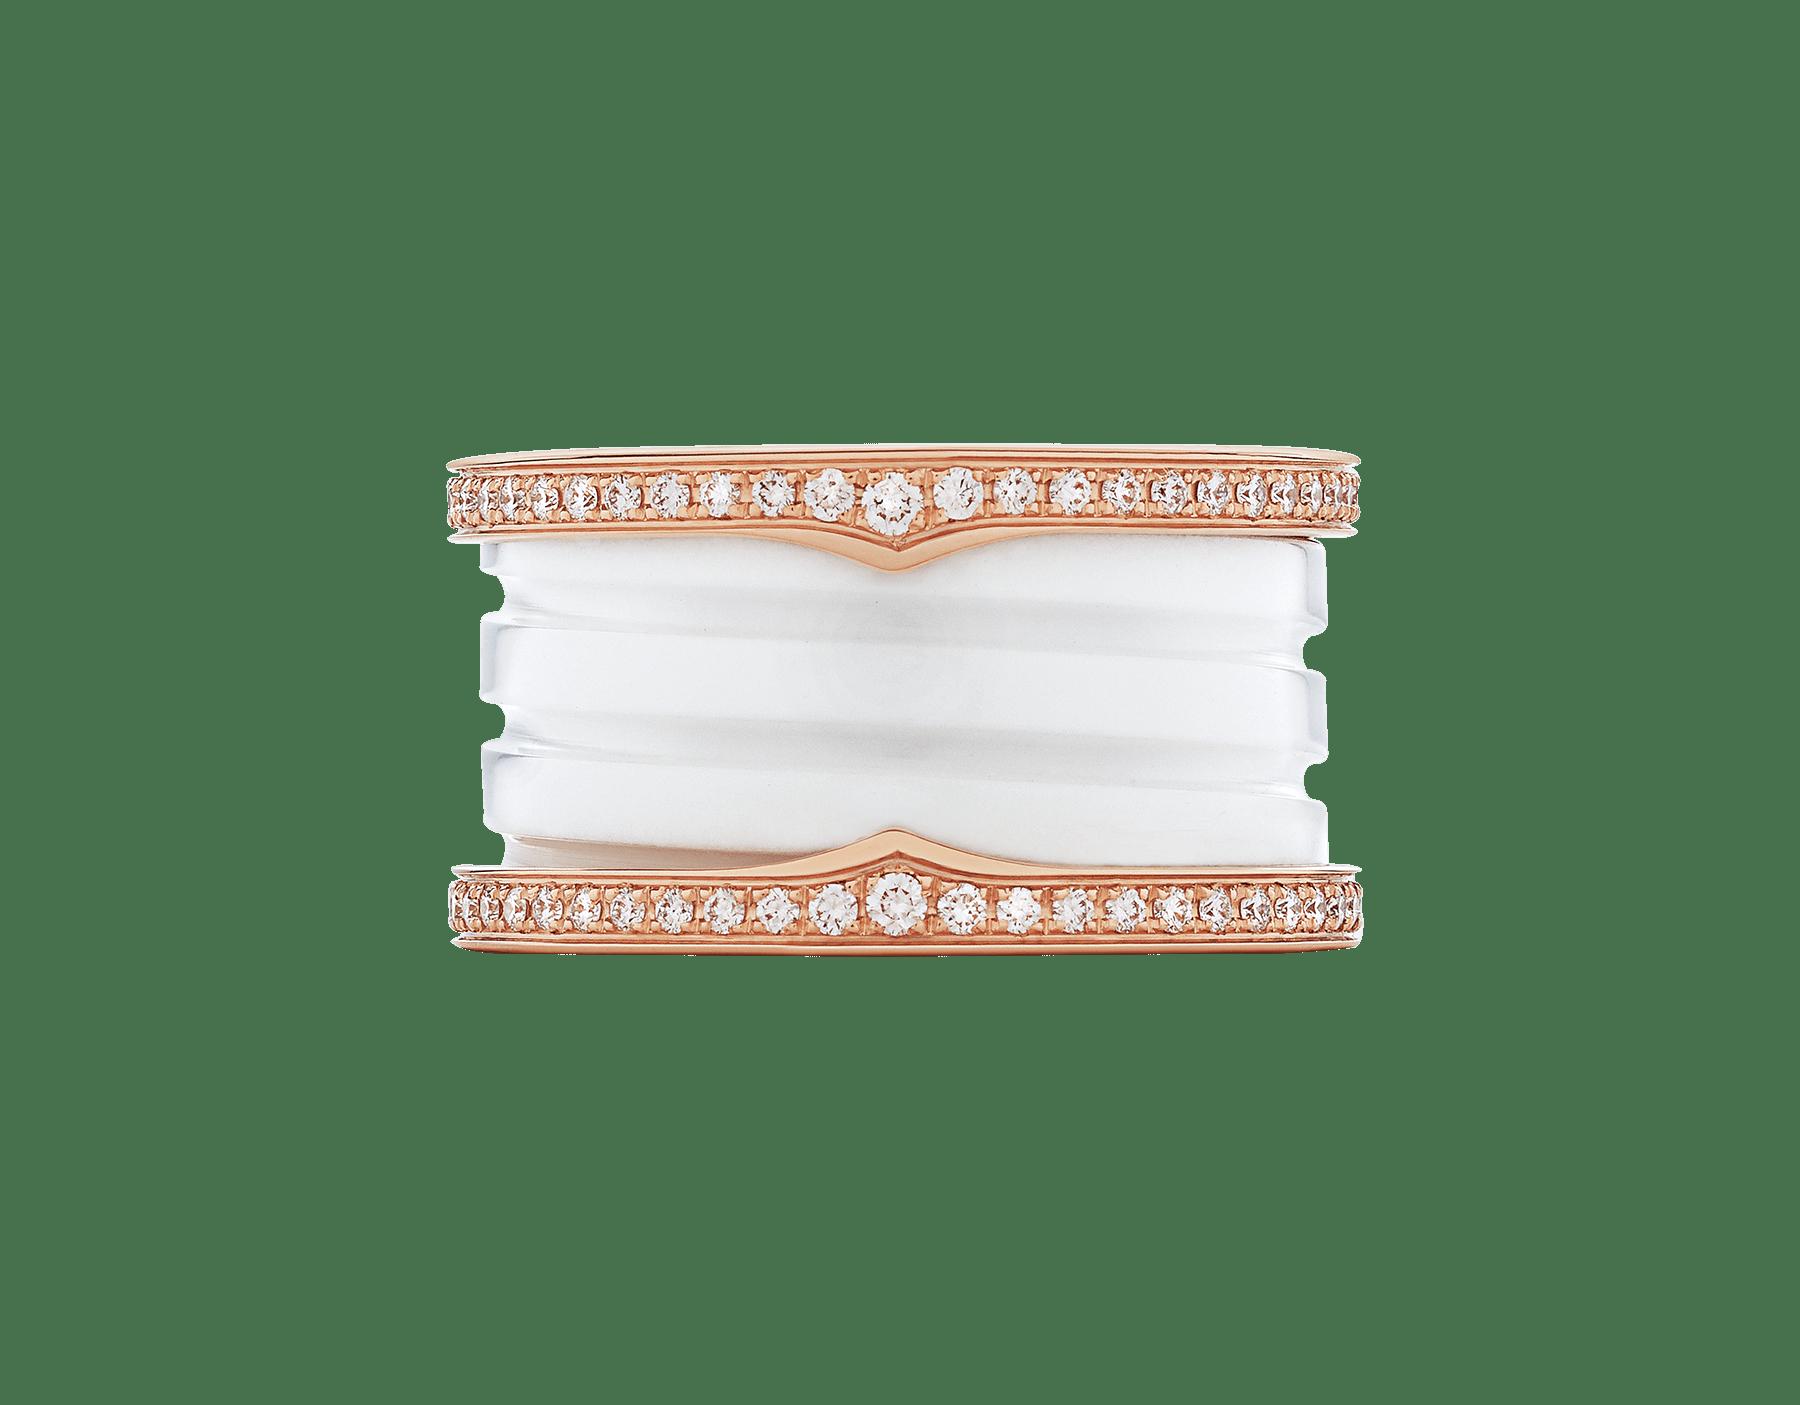 Anillo B.zero1 de cuatro bandas con dos aros en oro rosa de 18 qt con pavé de diamantes en los bordes y una espiral de cerámica blanca. B-zero1-4-bands-AN857030 image 3